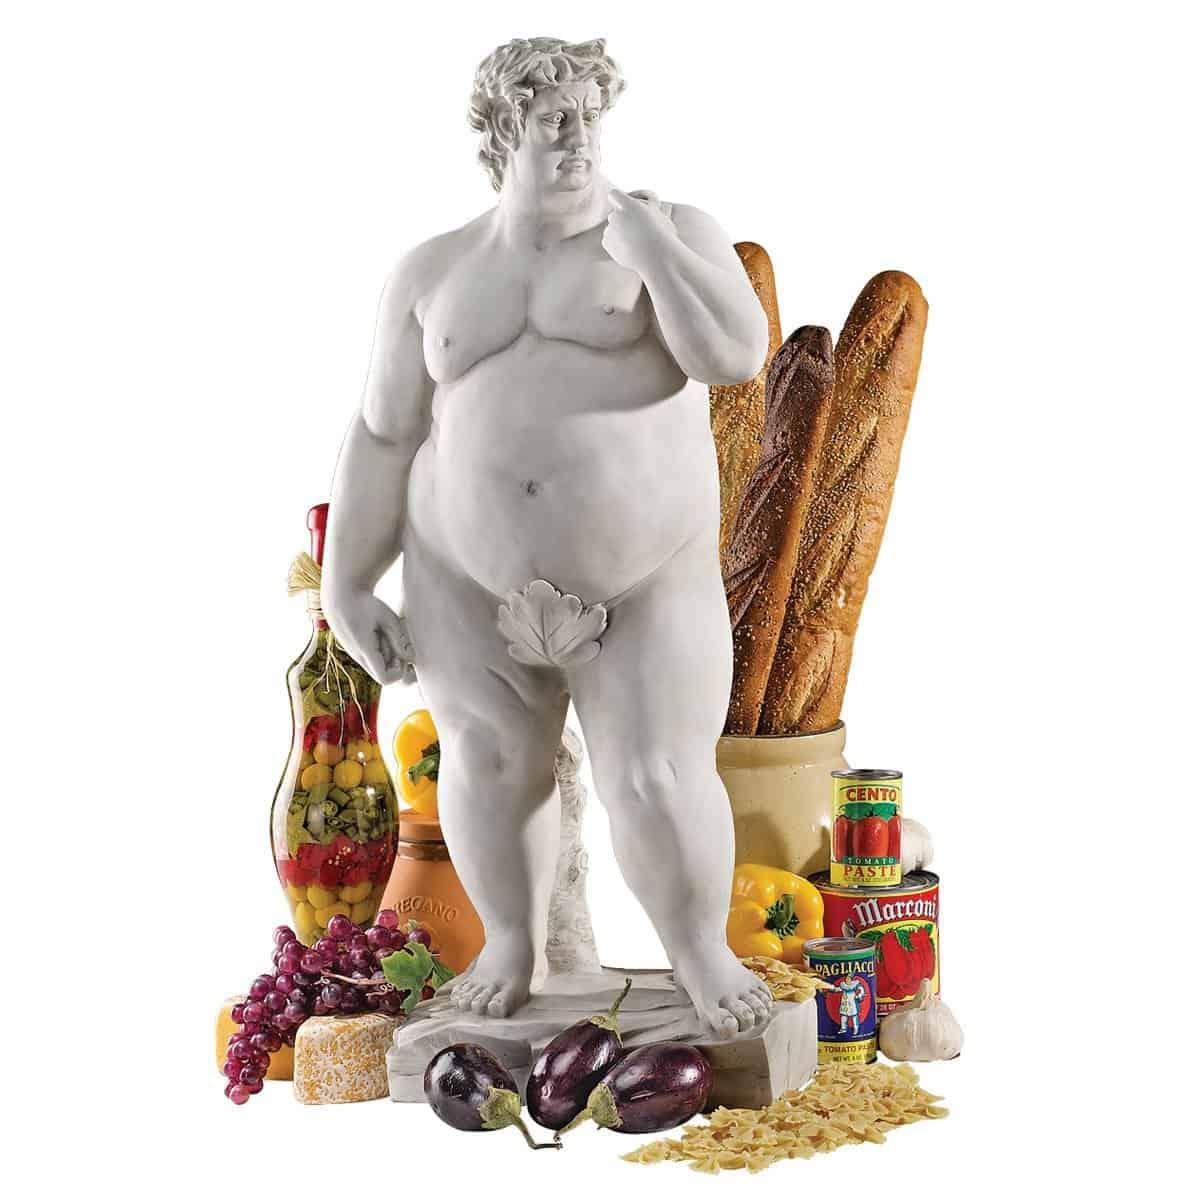 Design Toscano Super-Sized David Garden Statue Cool Gift Idea